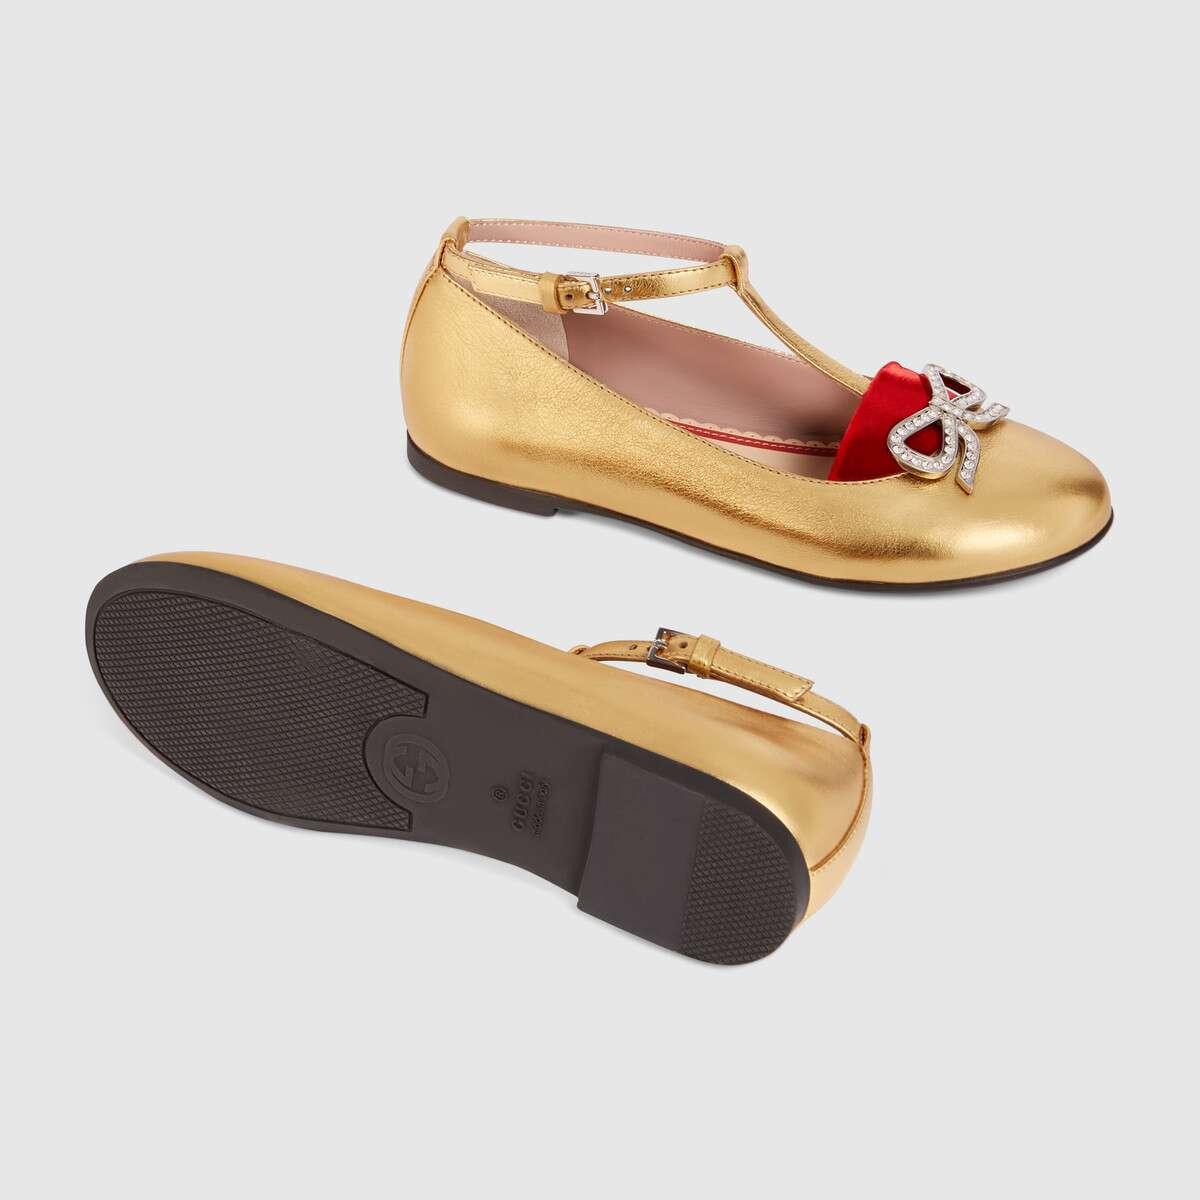 احذية اطفال ماركة غوتشي